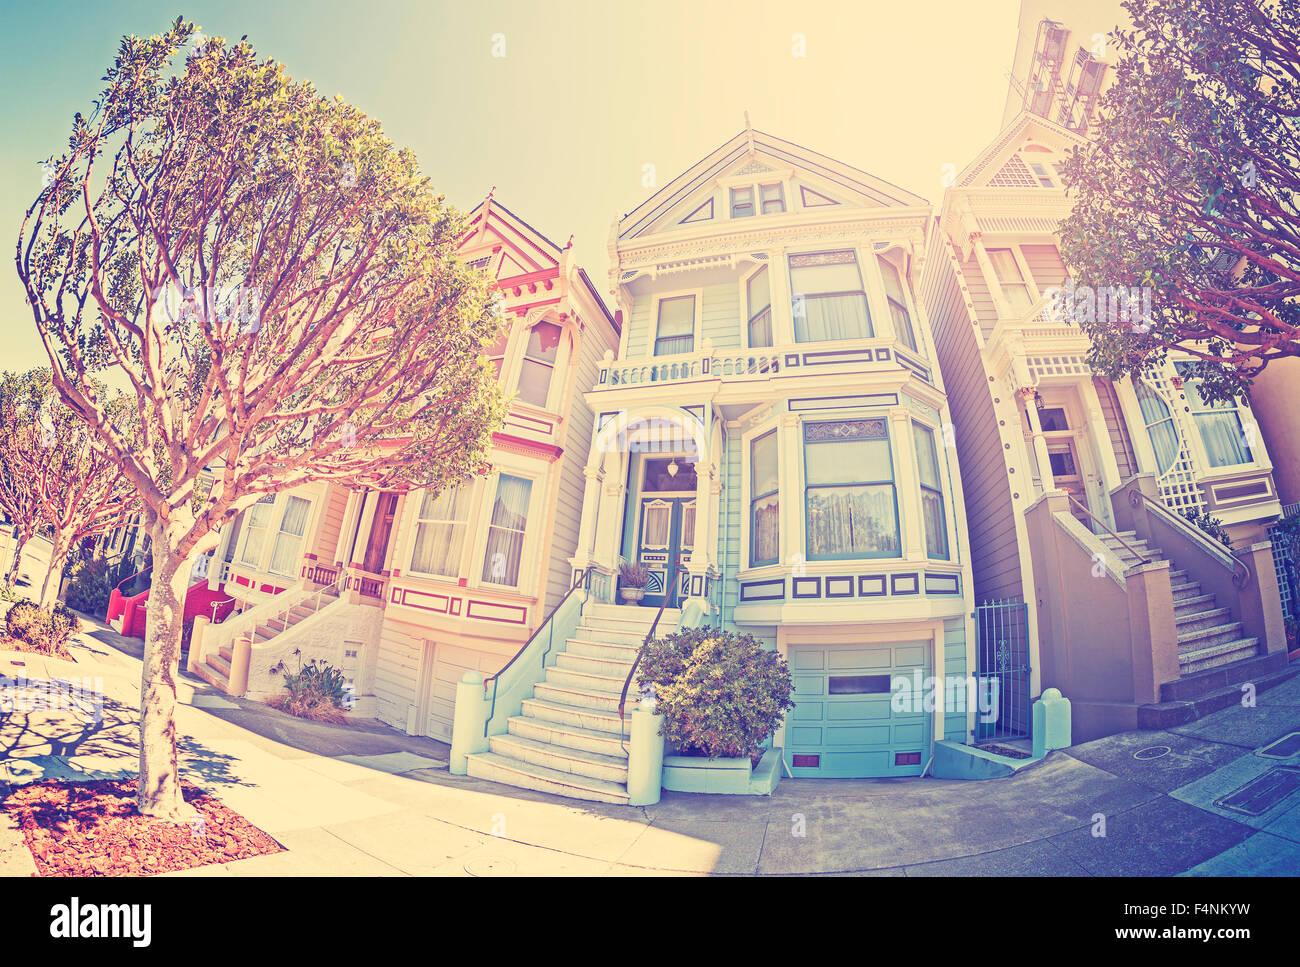 Vintage stilizzata obiettivo fisheye street foto del Painted Ladies, San Francisco, Stati Uniti d'America. Immagini Stock